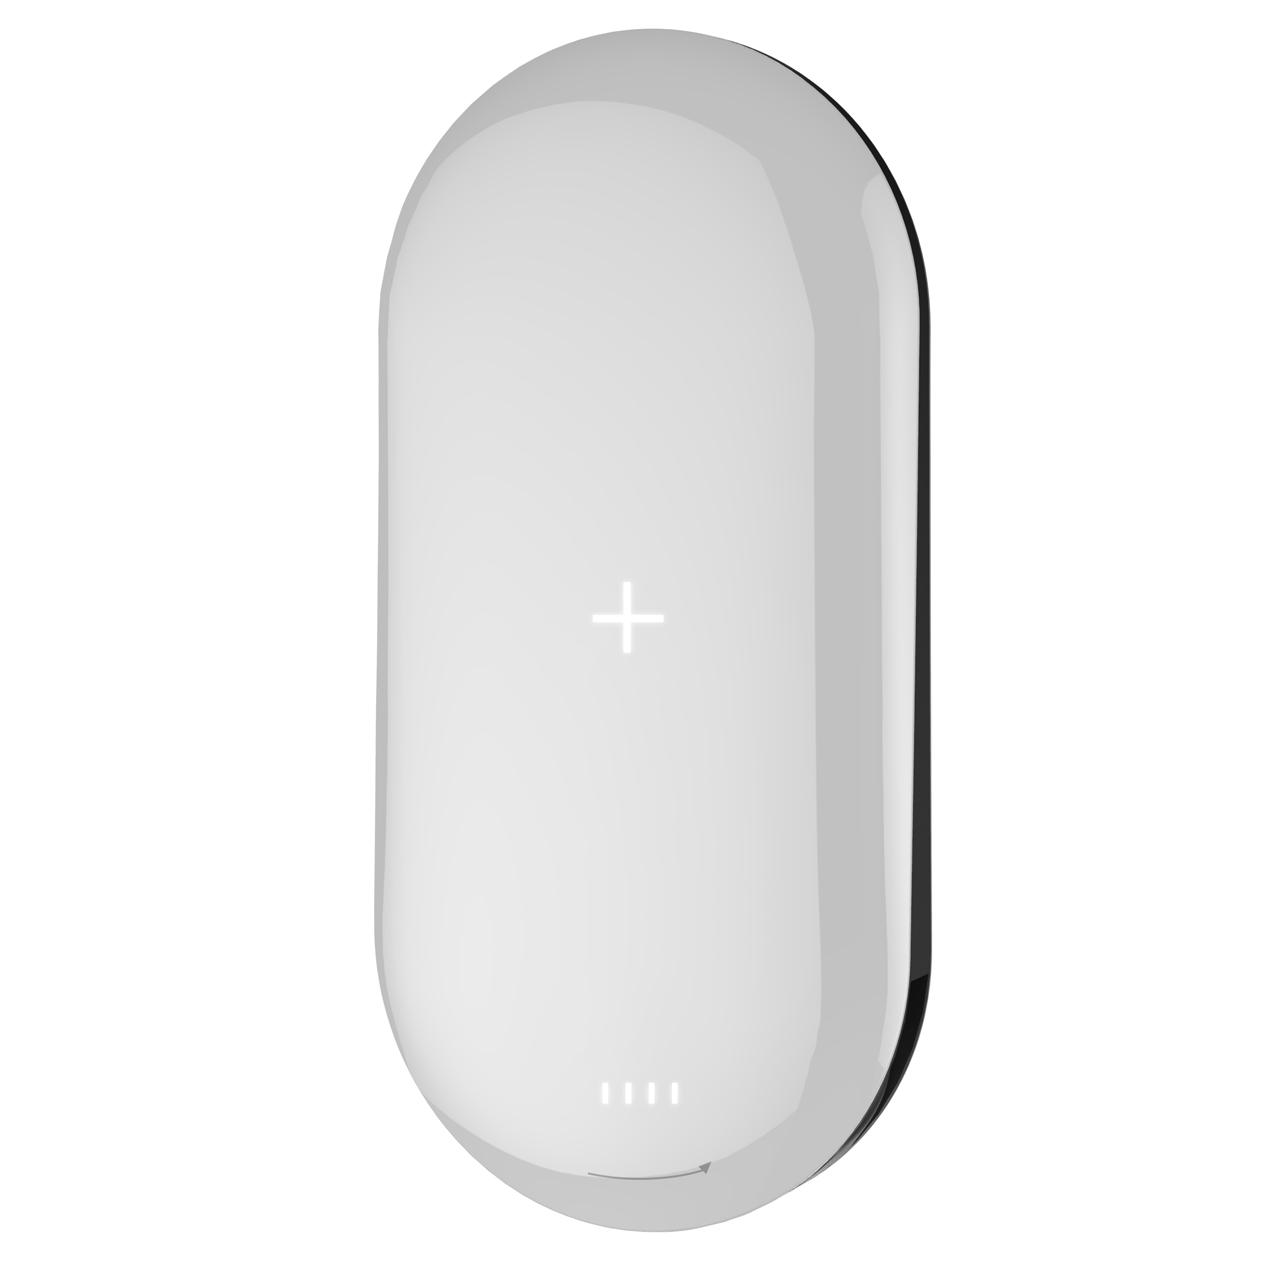 بررسی و {خرید با تخفیف} شارژر همراه مایپو مدل CUBE X2 ظرفیت 5000 میلی آمپرساعت اصل